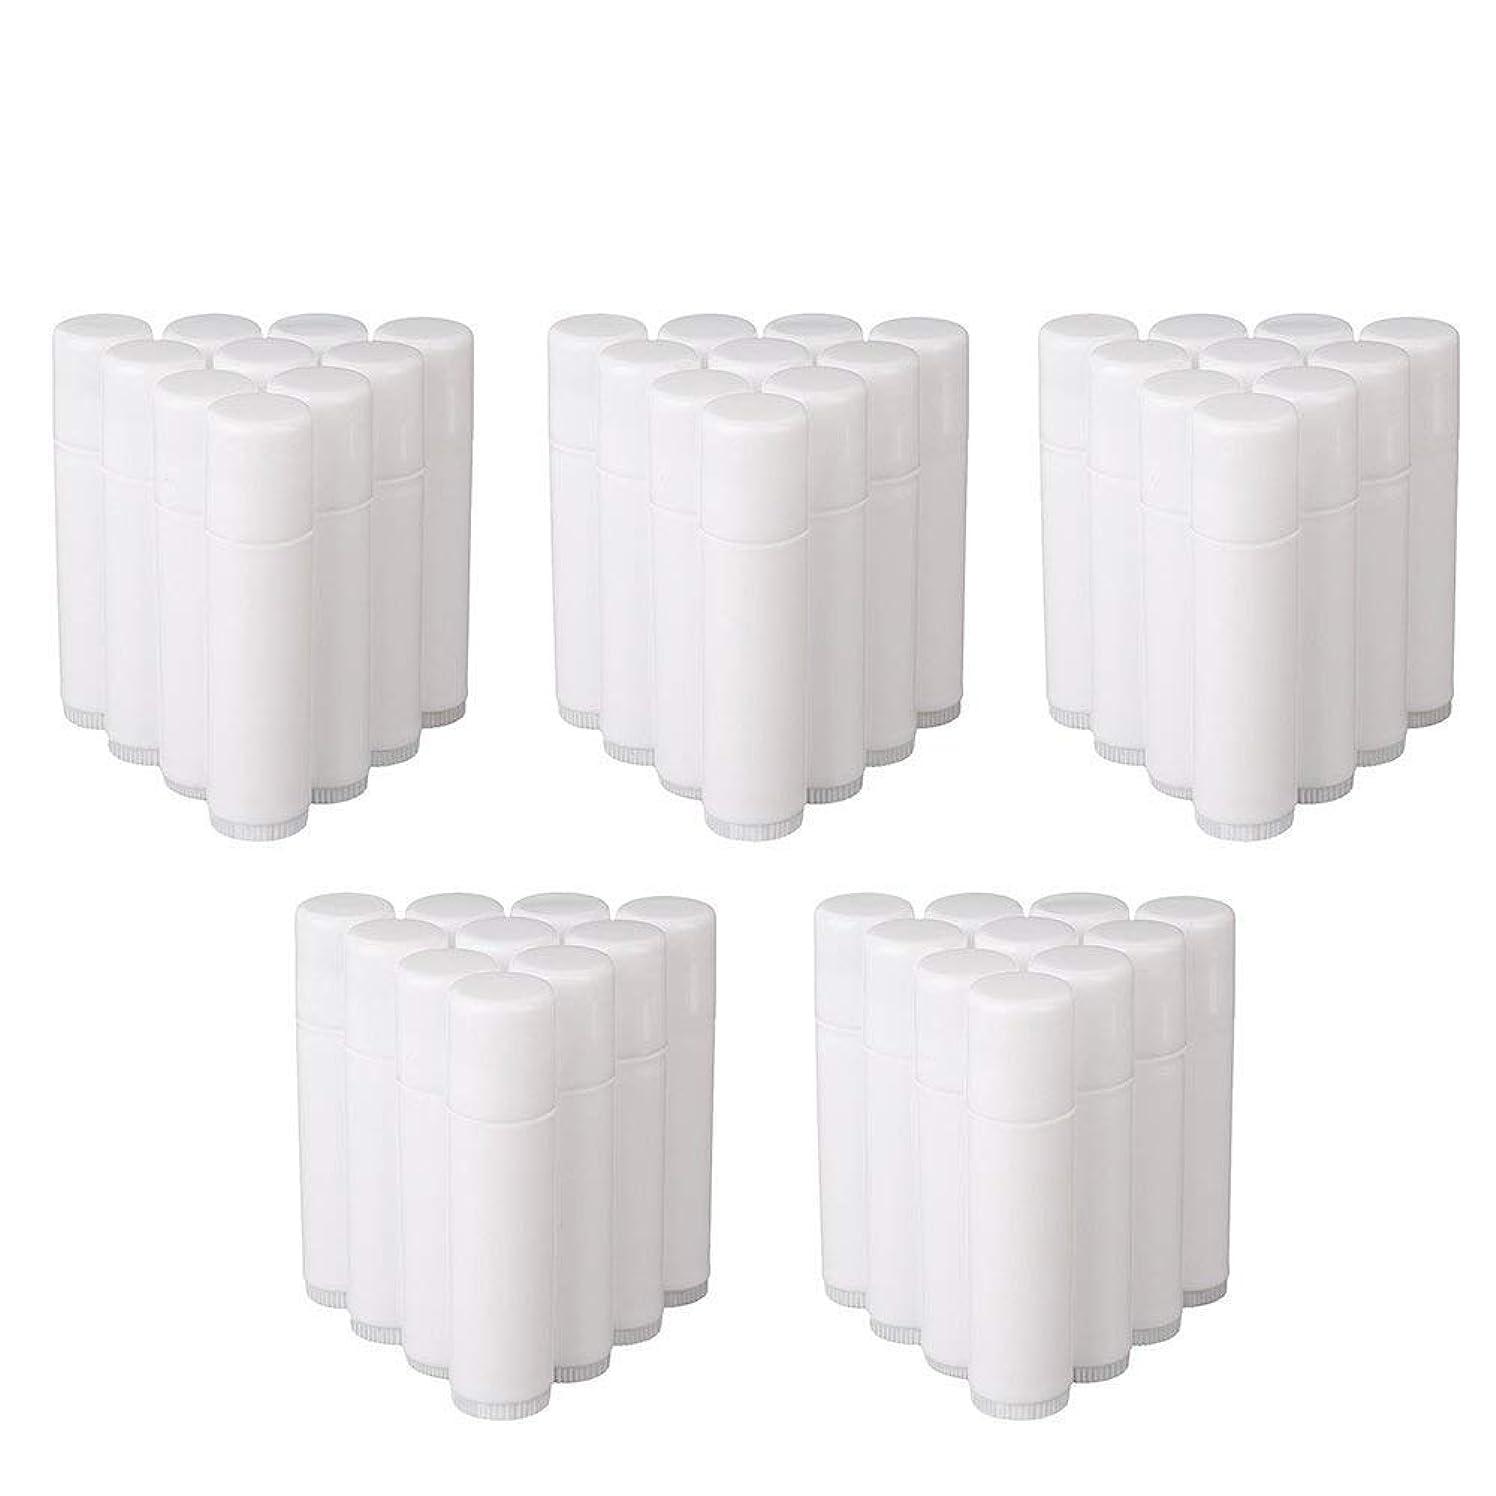 パスタ勇者サーマルCOOLBOTANG リップバームチューブ リップクリーム 繰り出し ホワイト 手作りコスメ 手作り化粧品/リップクリーム 50個 5g ミニ 詰め替え容器